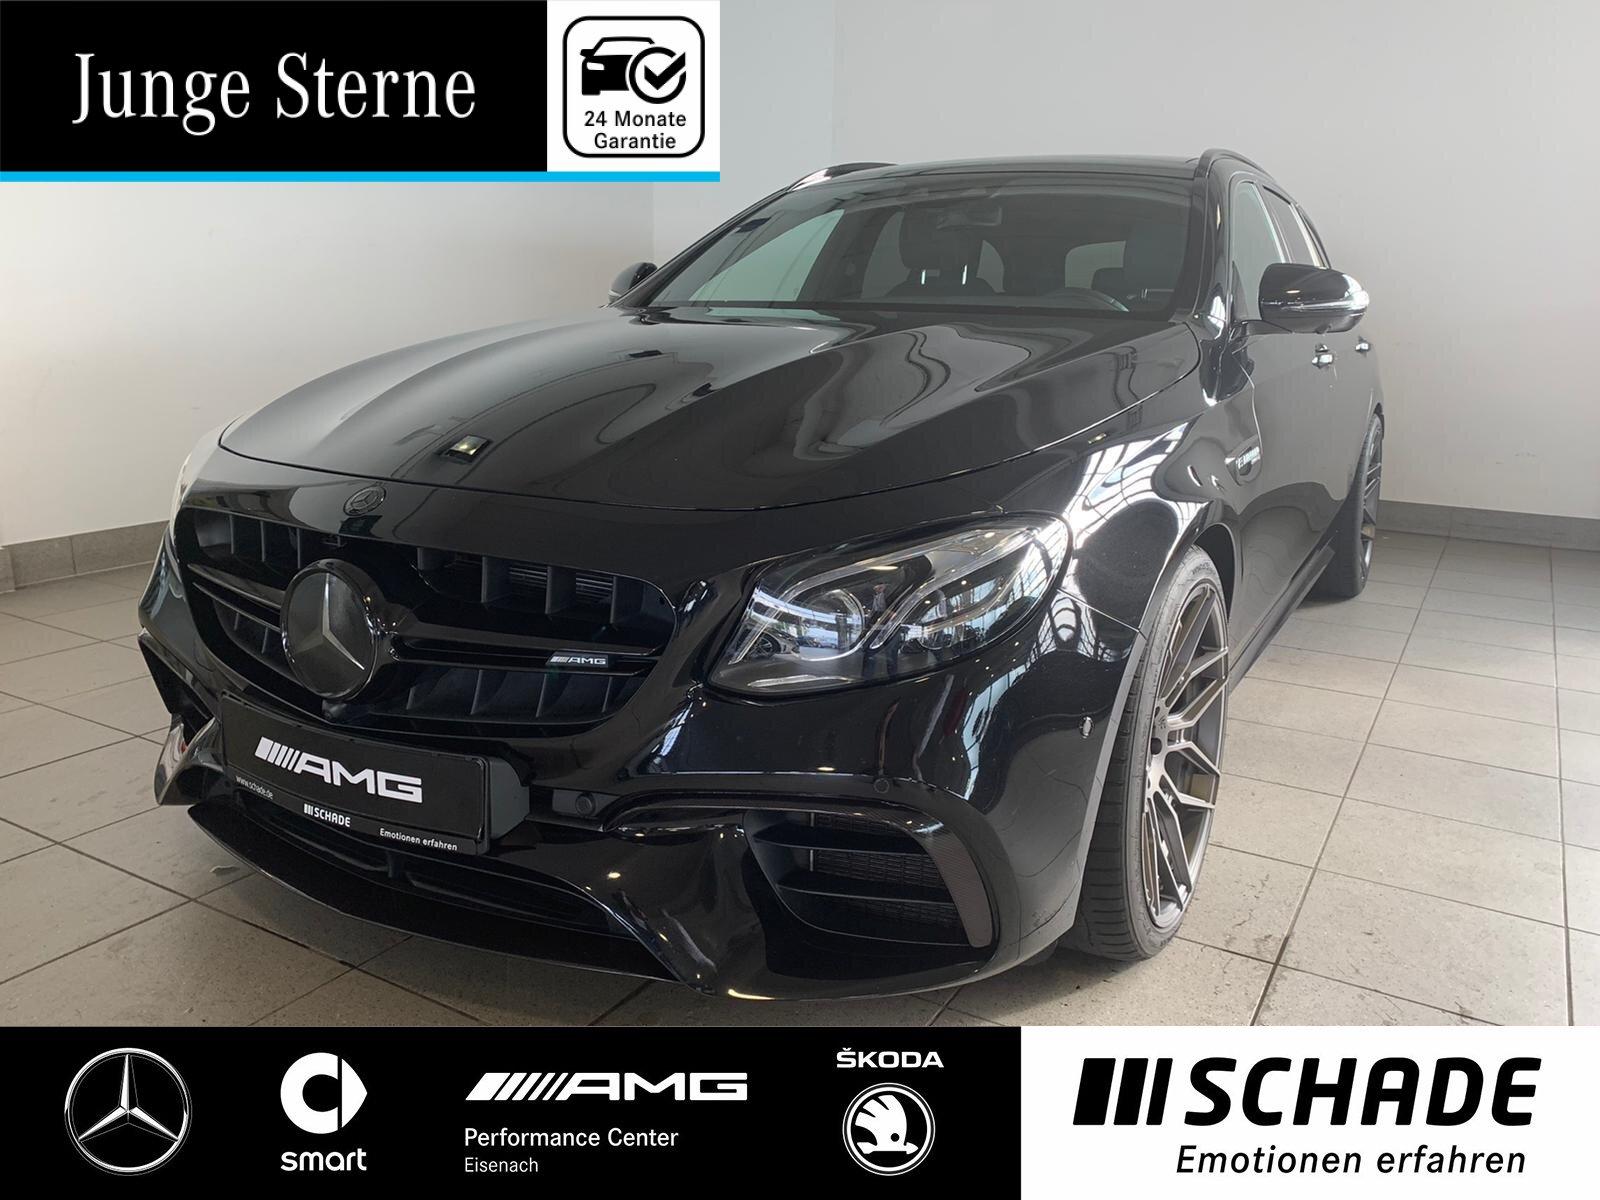 Mercedes-Benz Mercedes-AMG E 63 T 4M+ Aktiv-Multisitze*Standh., Jahr 2018, Benzin